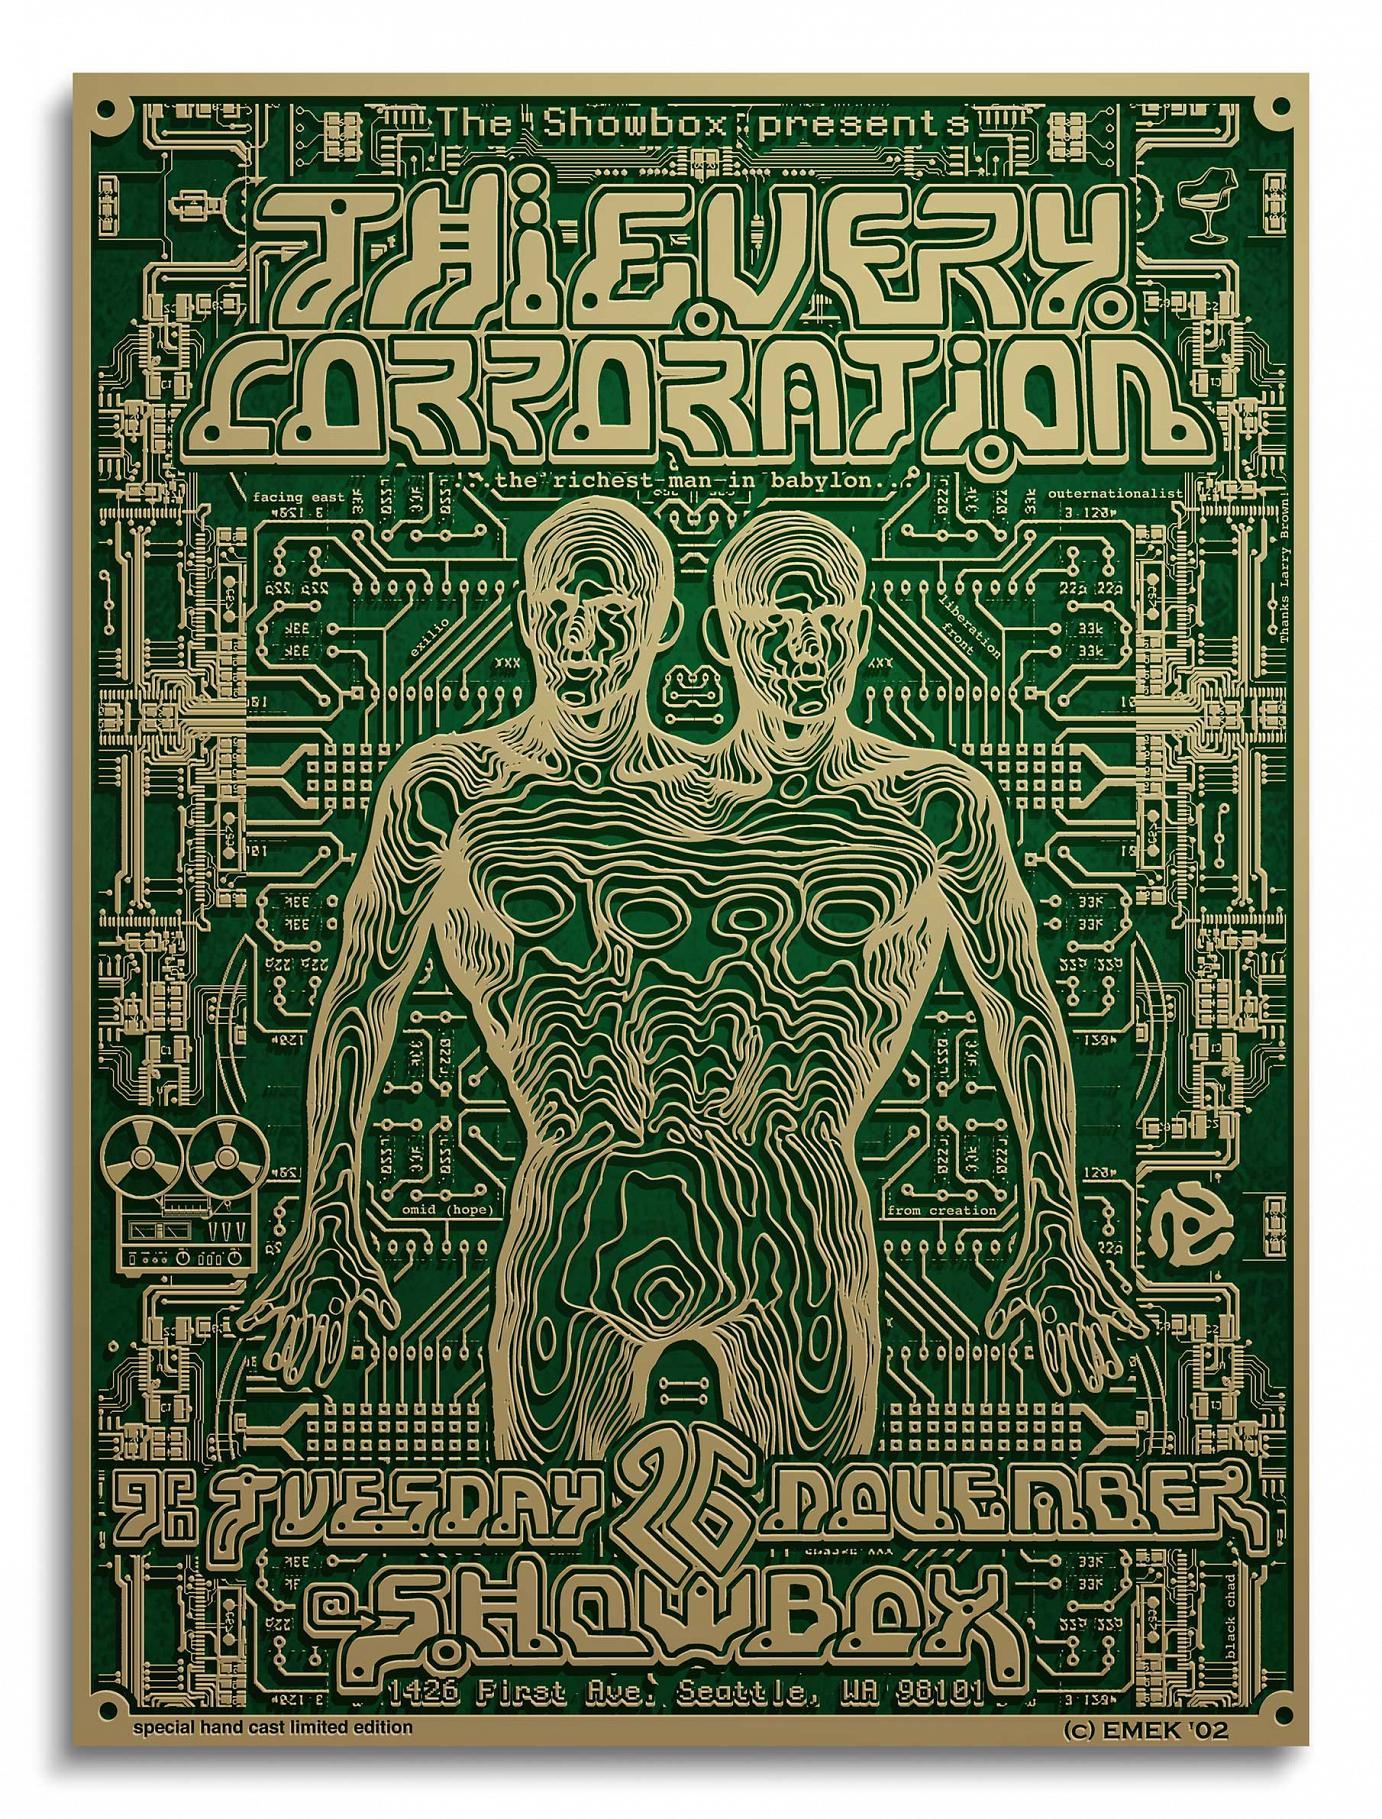 3D-Plakat »Thievery CorPoration« 45,7 cm x 70 cm x 1,3 cm 3d-Guss bemalt 2002